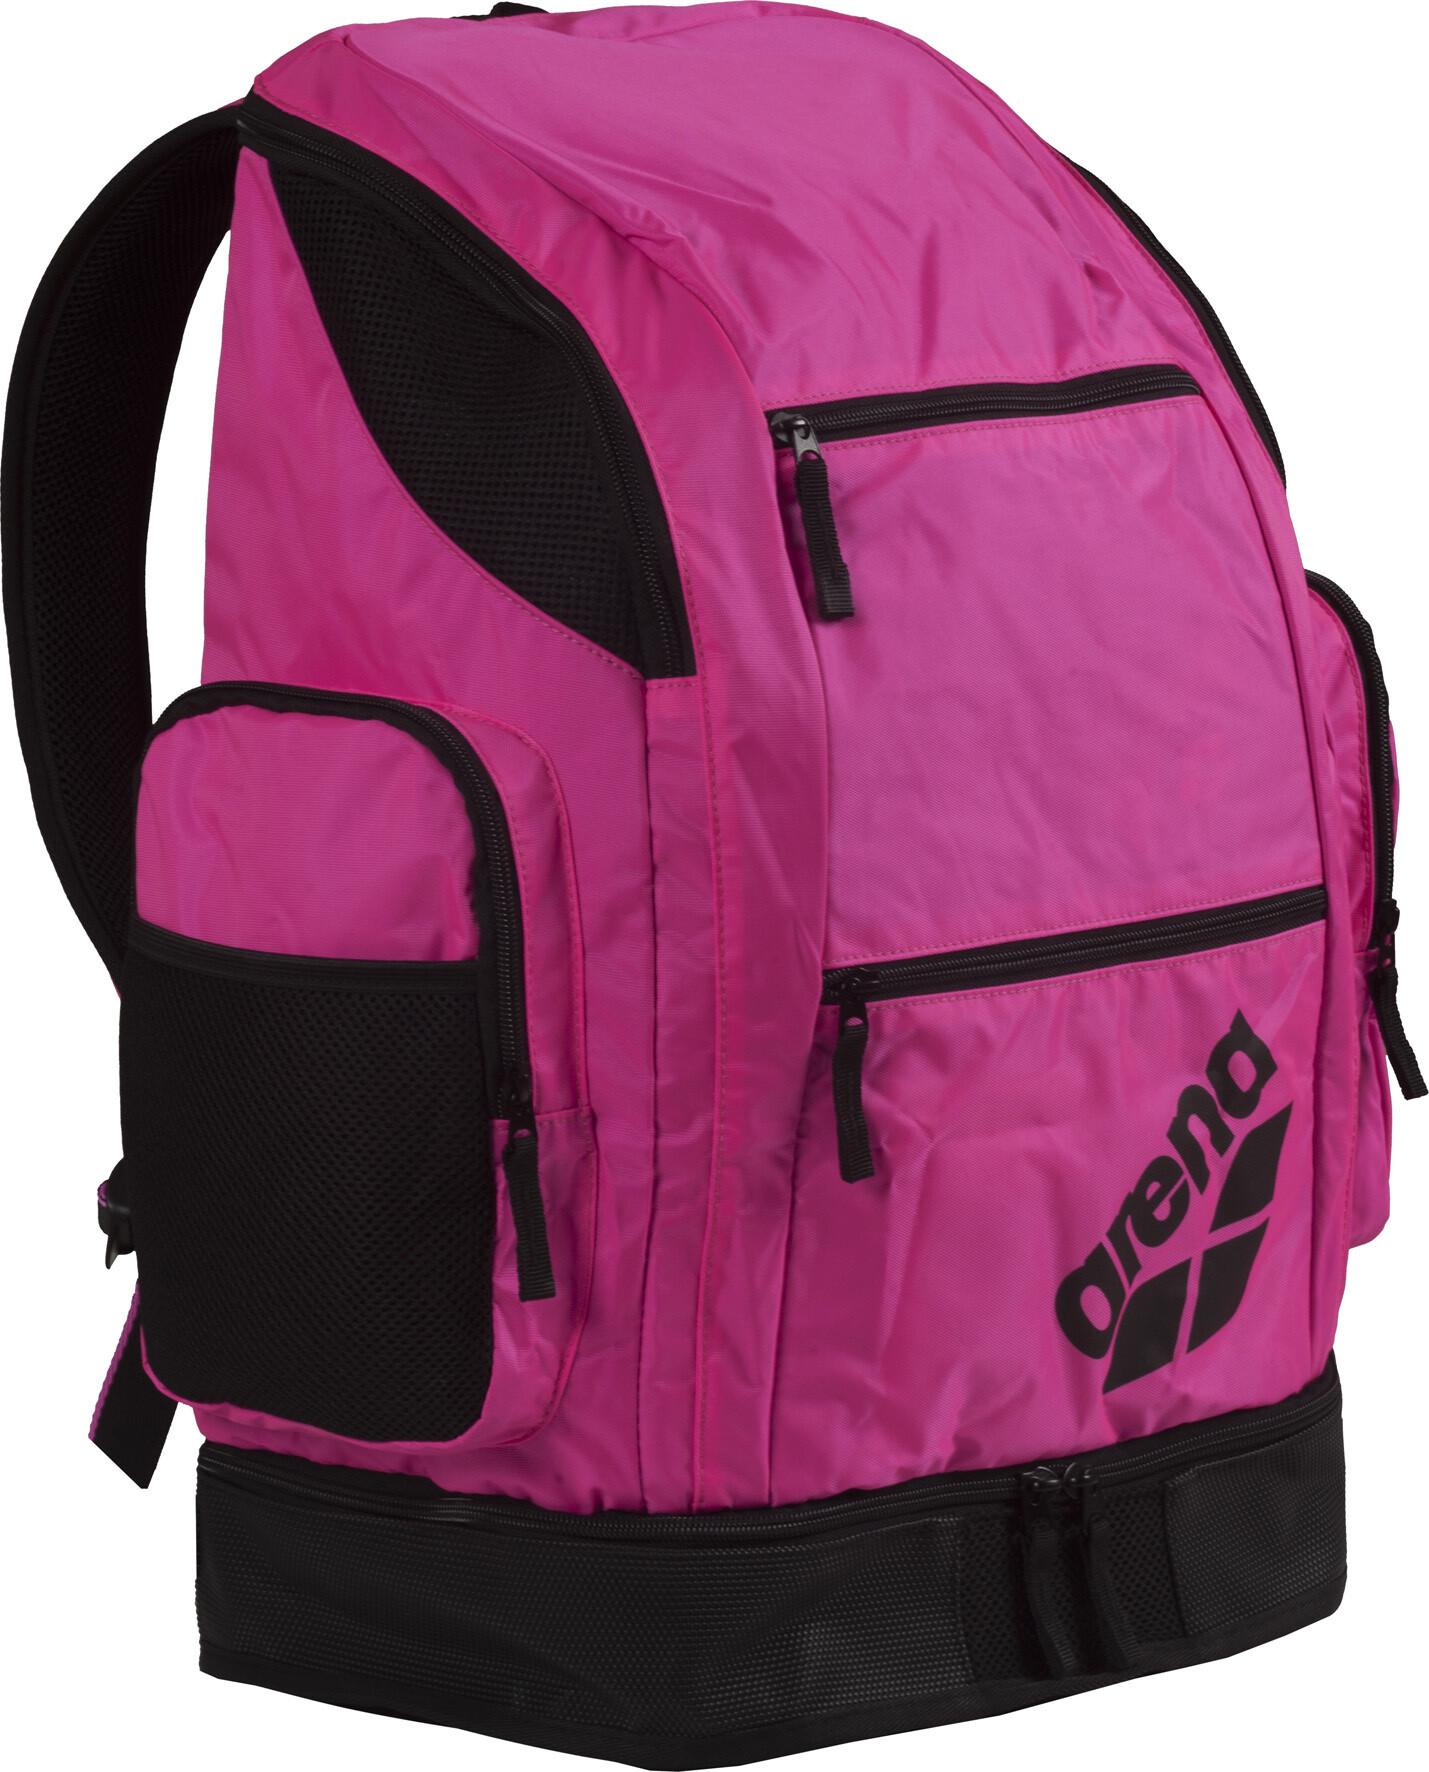 748fe657a56 arena Spiky 2 Zwem- en Tri Transition rugzak roze I Online op ...